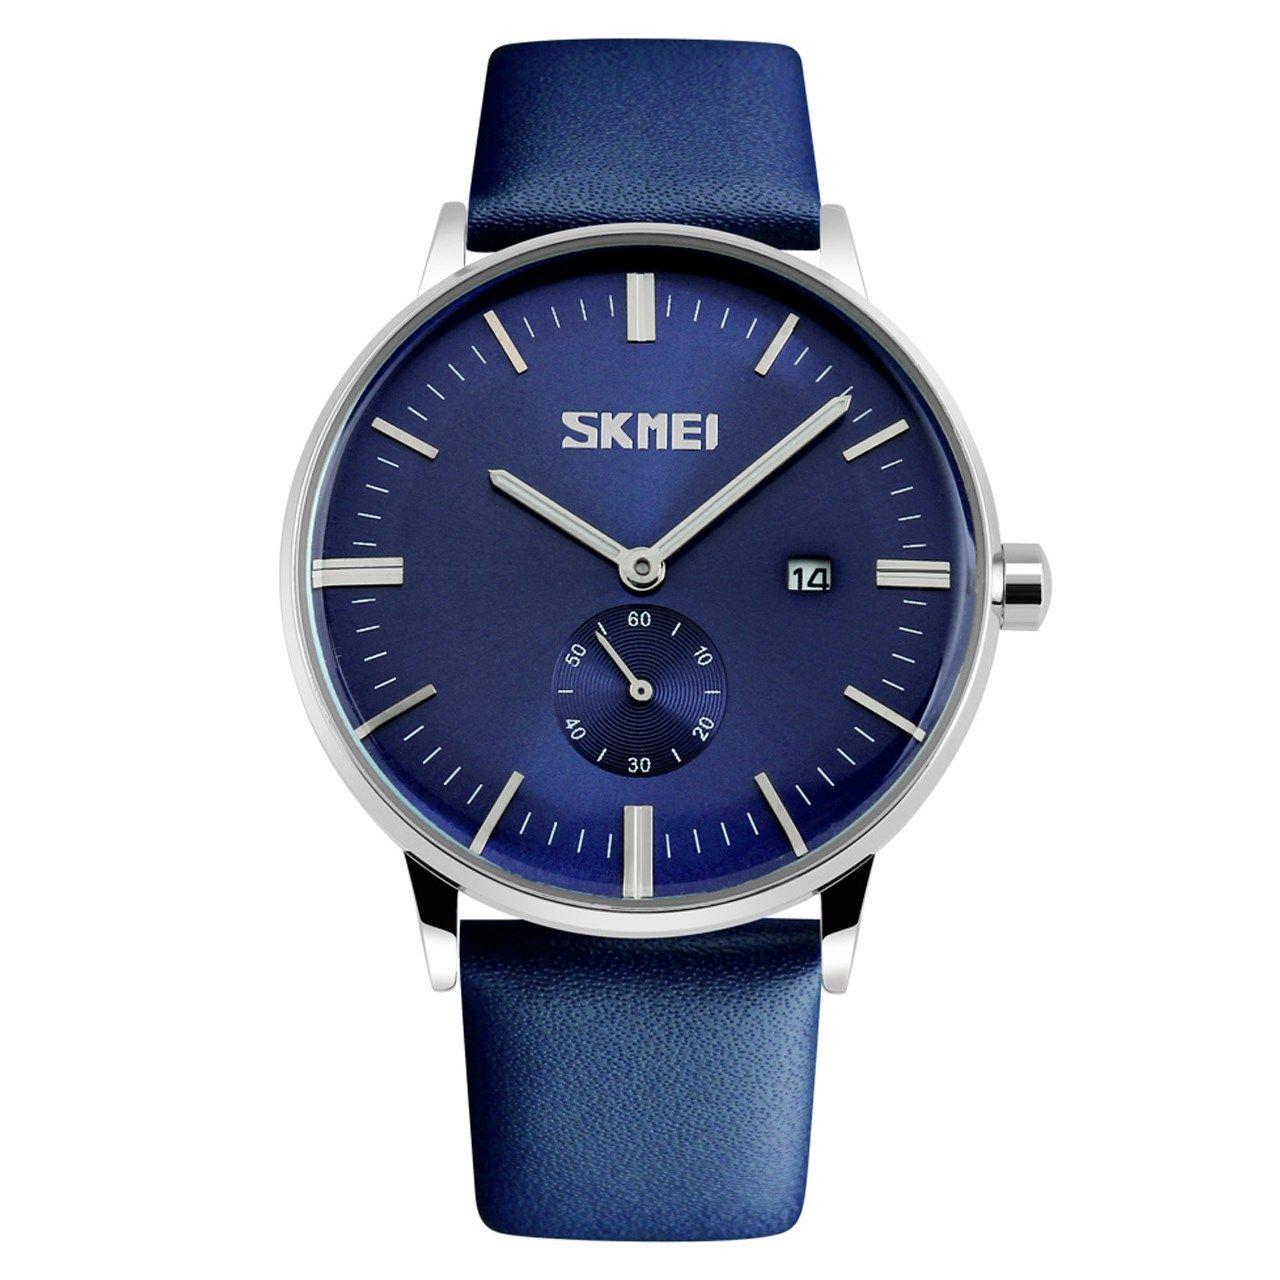 ساعت مچی عقربه ای مردانه اسکمی مدل S9083/Blue -  - 1